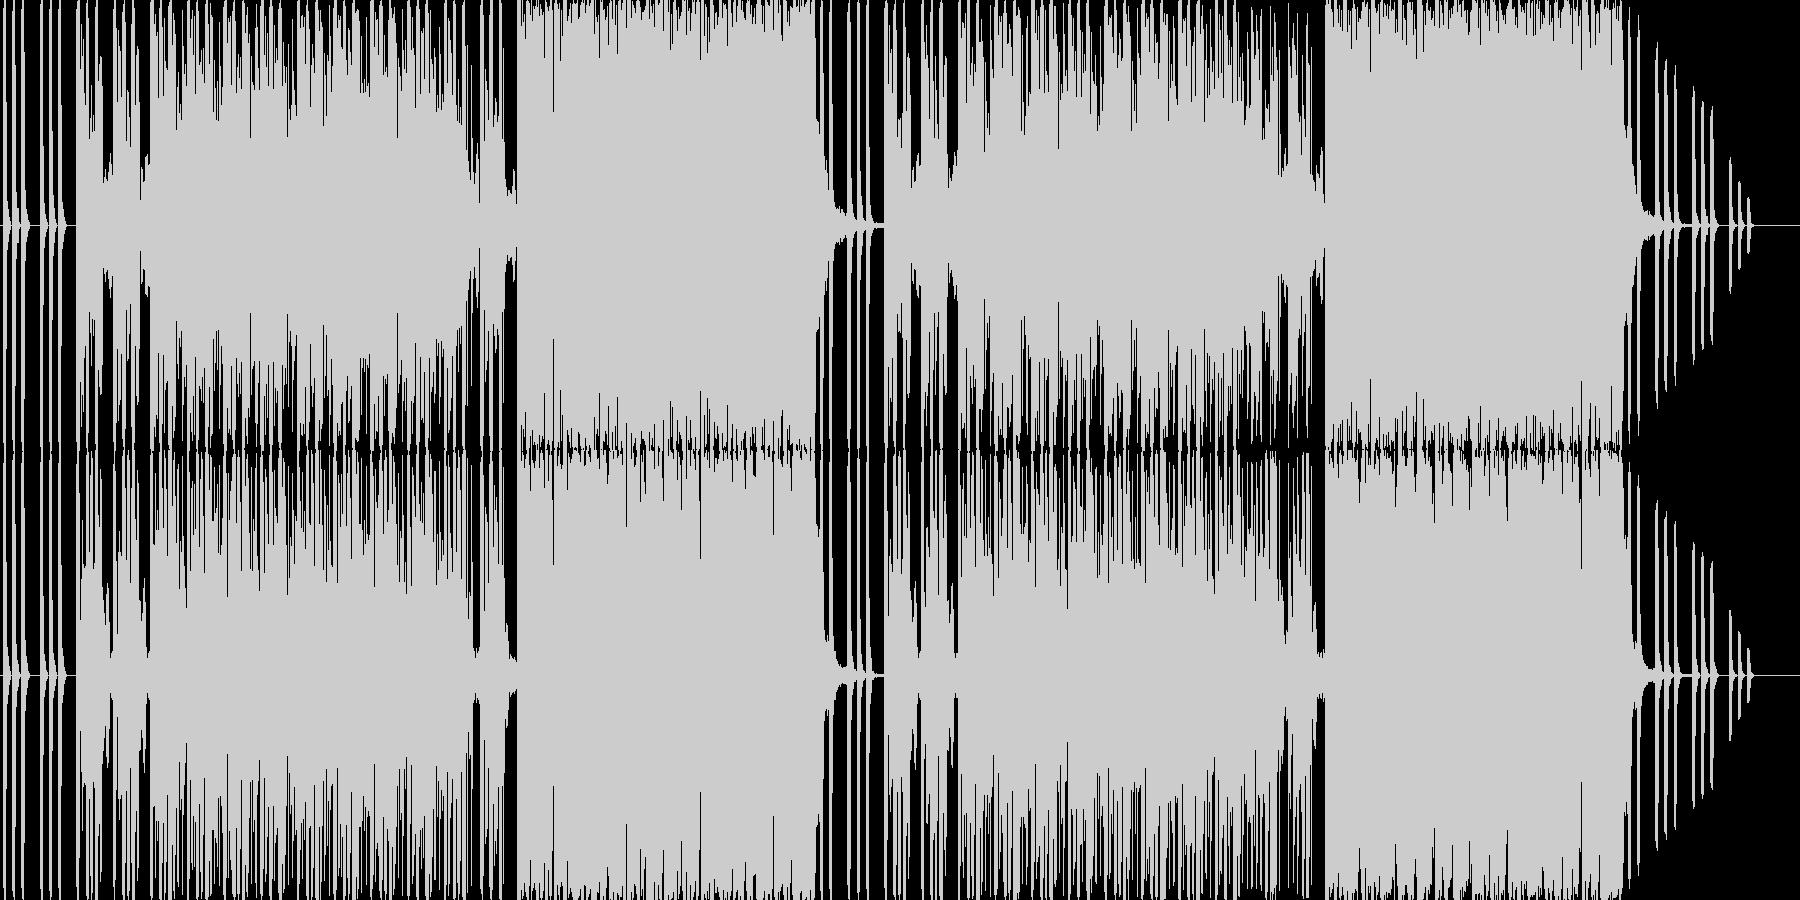 ホラーで不気味なダークエレクトロの未再生の波形